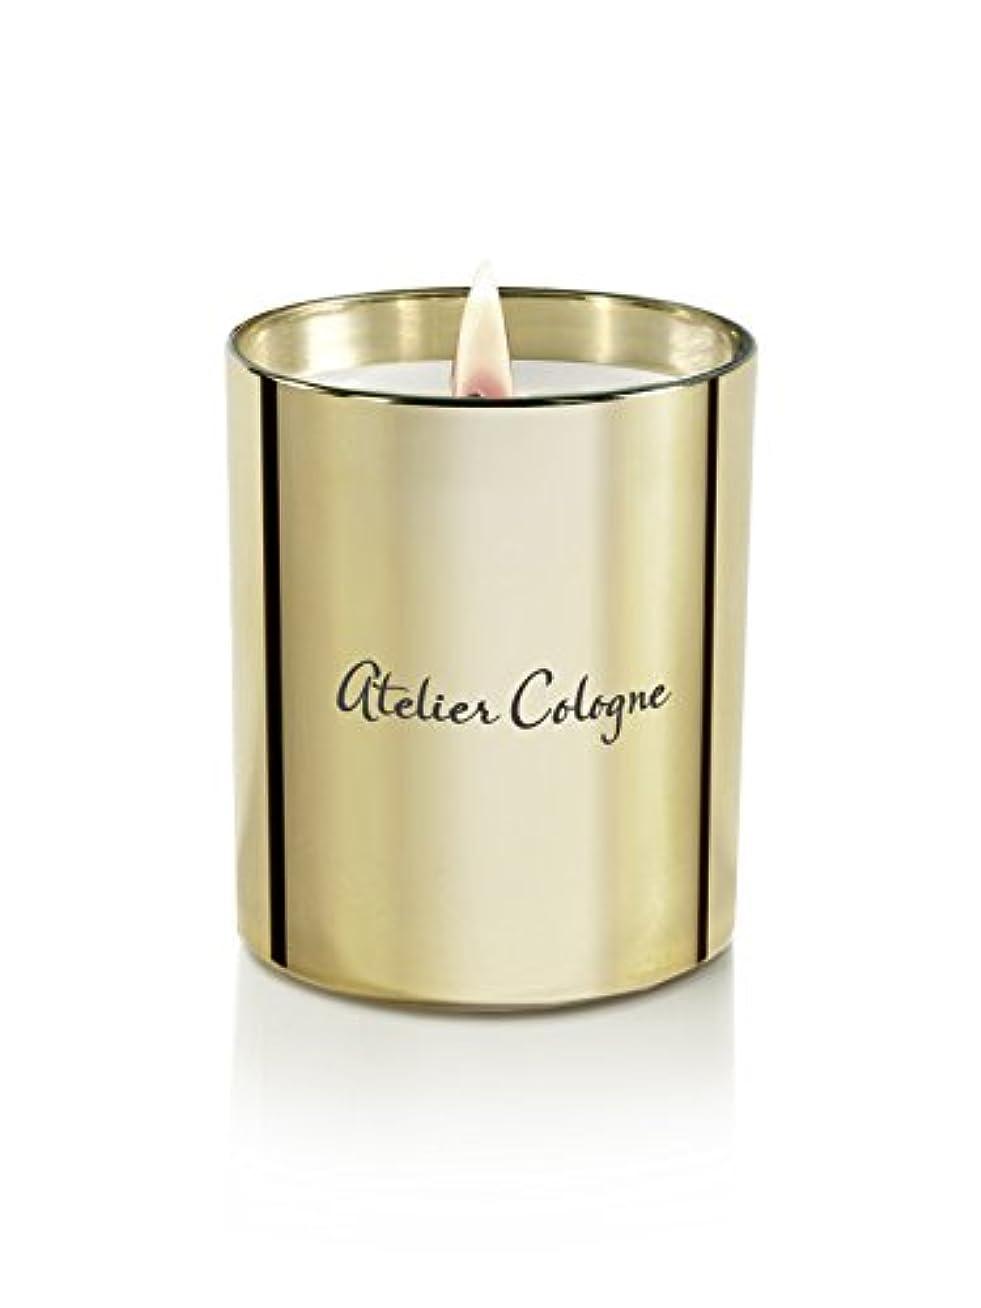 ドラマ考える解読するアトリエコロン Bougie Candle - Gold Leather 190g/6.7oz並行輸入品